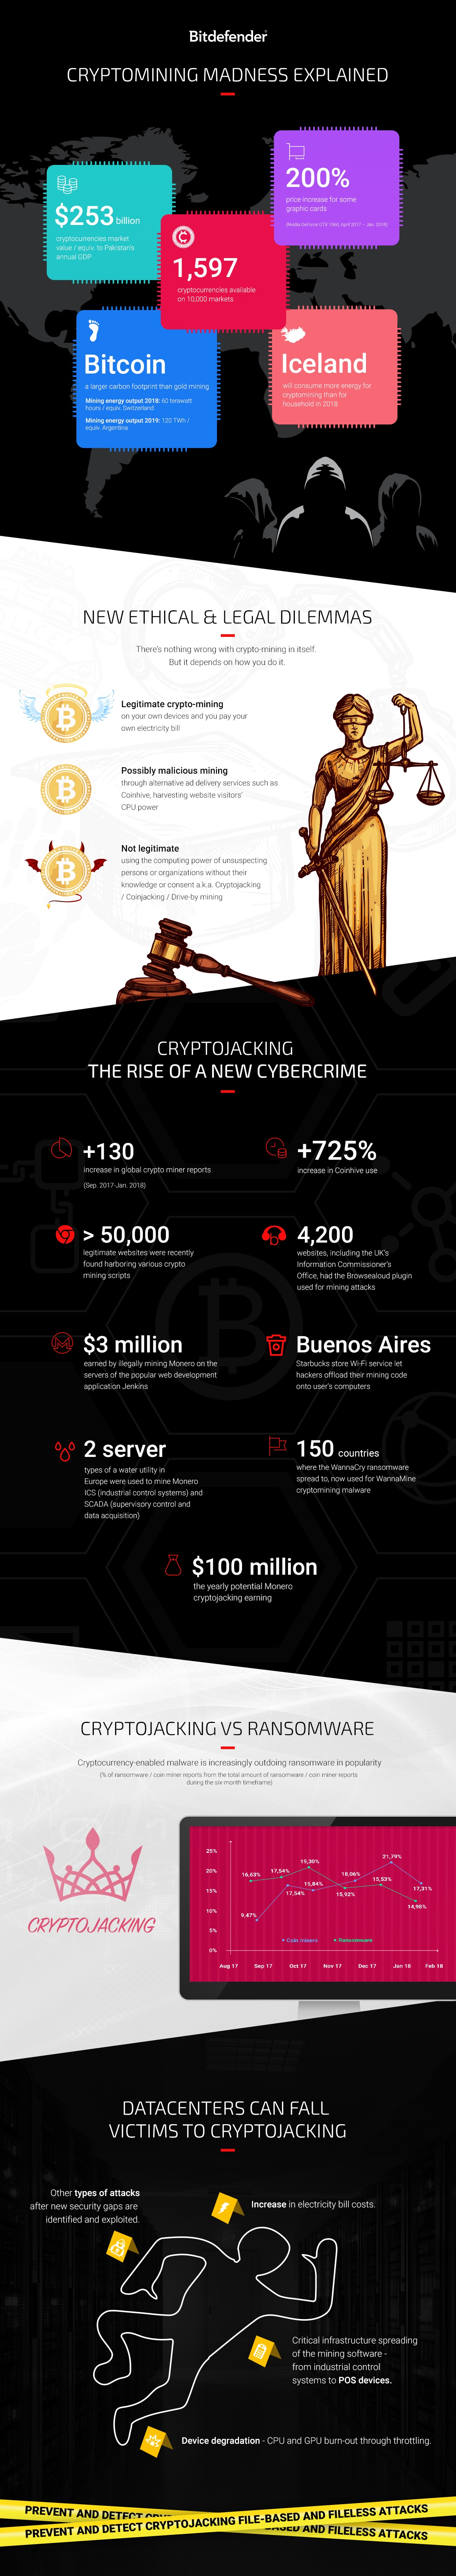 Bitdefender-cryptomining-explained-infographic